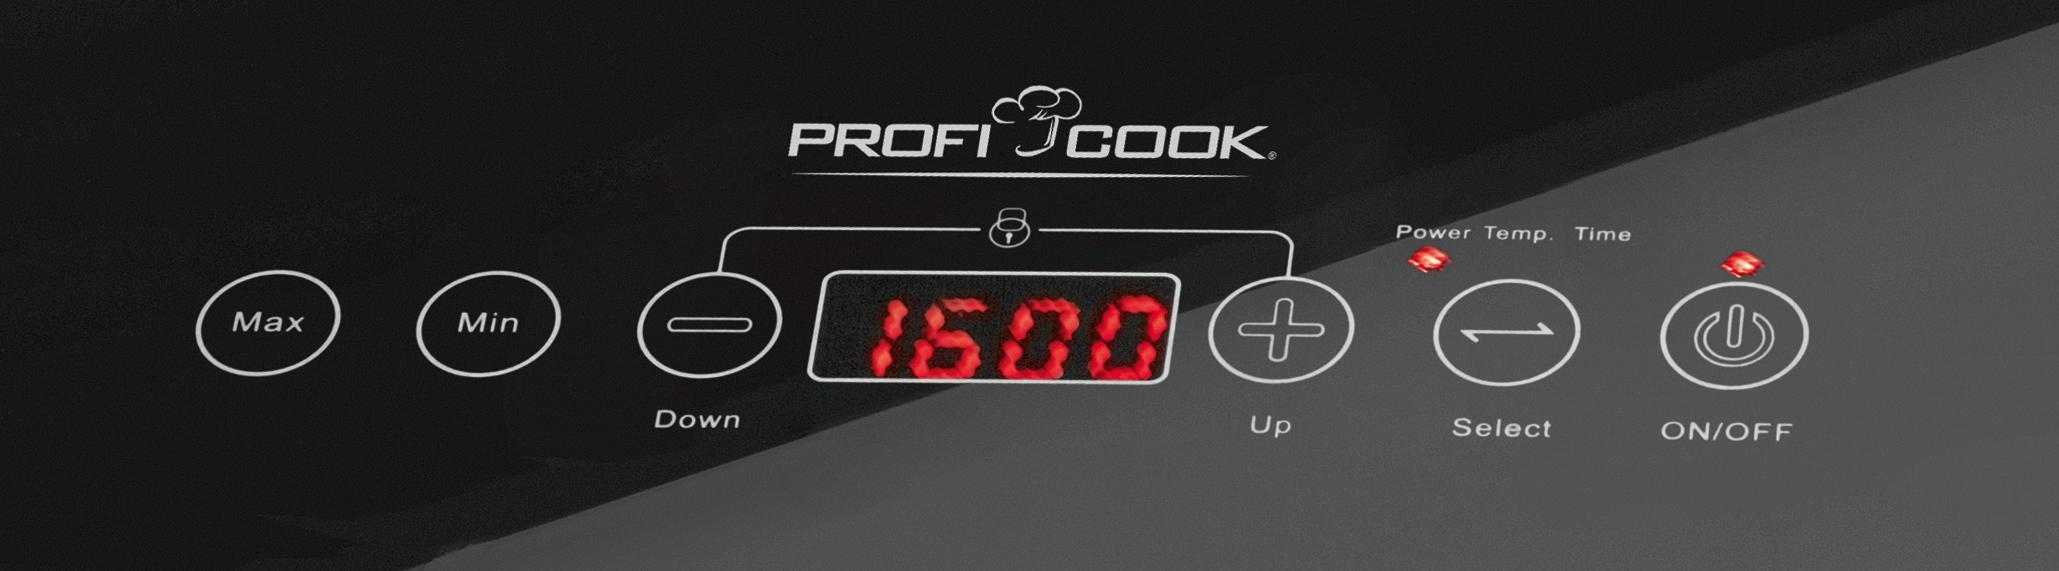 Proficook Eki 1062 Placa vitrocerámica por inducción portátil, 10 Niveles de Temperatura, Negro